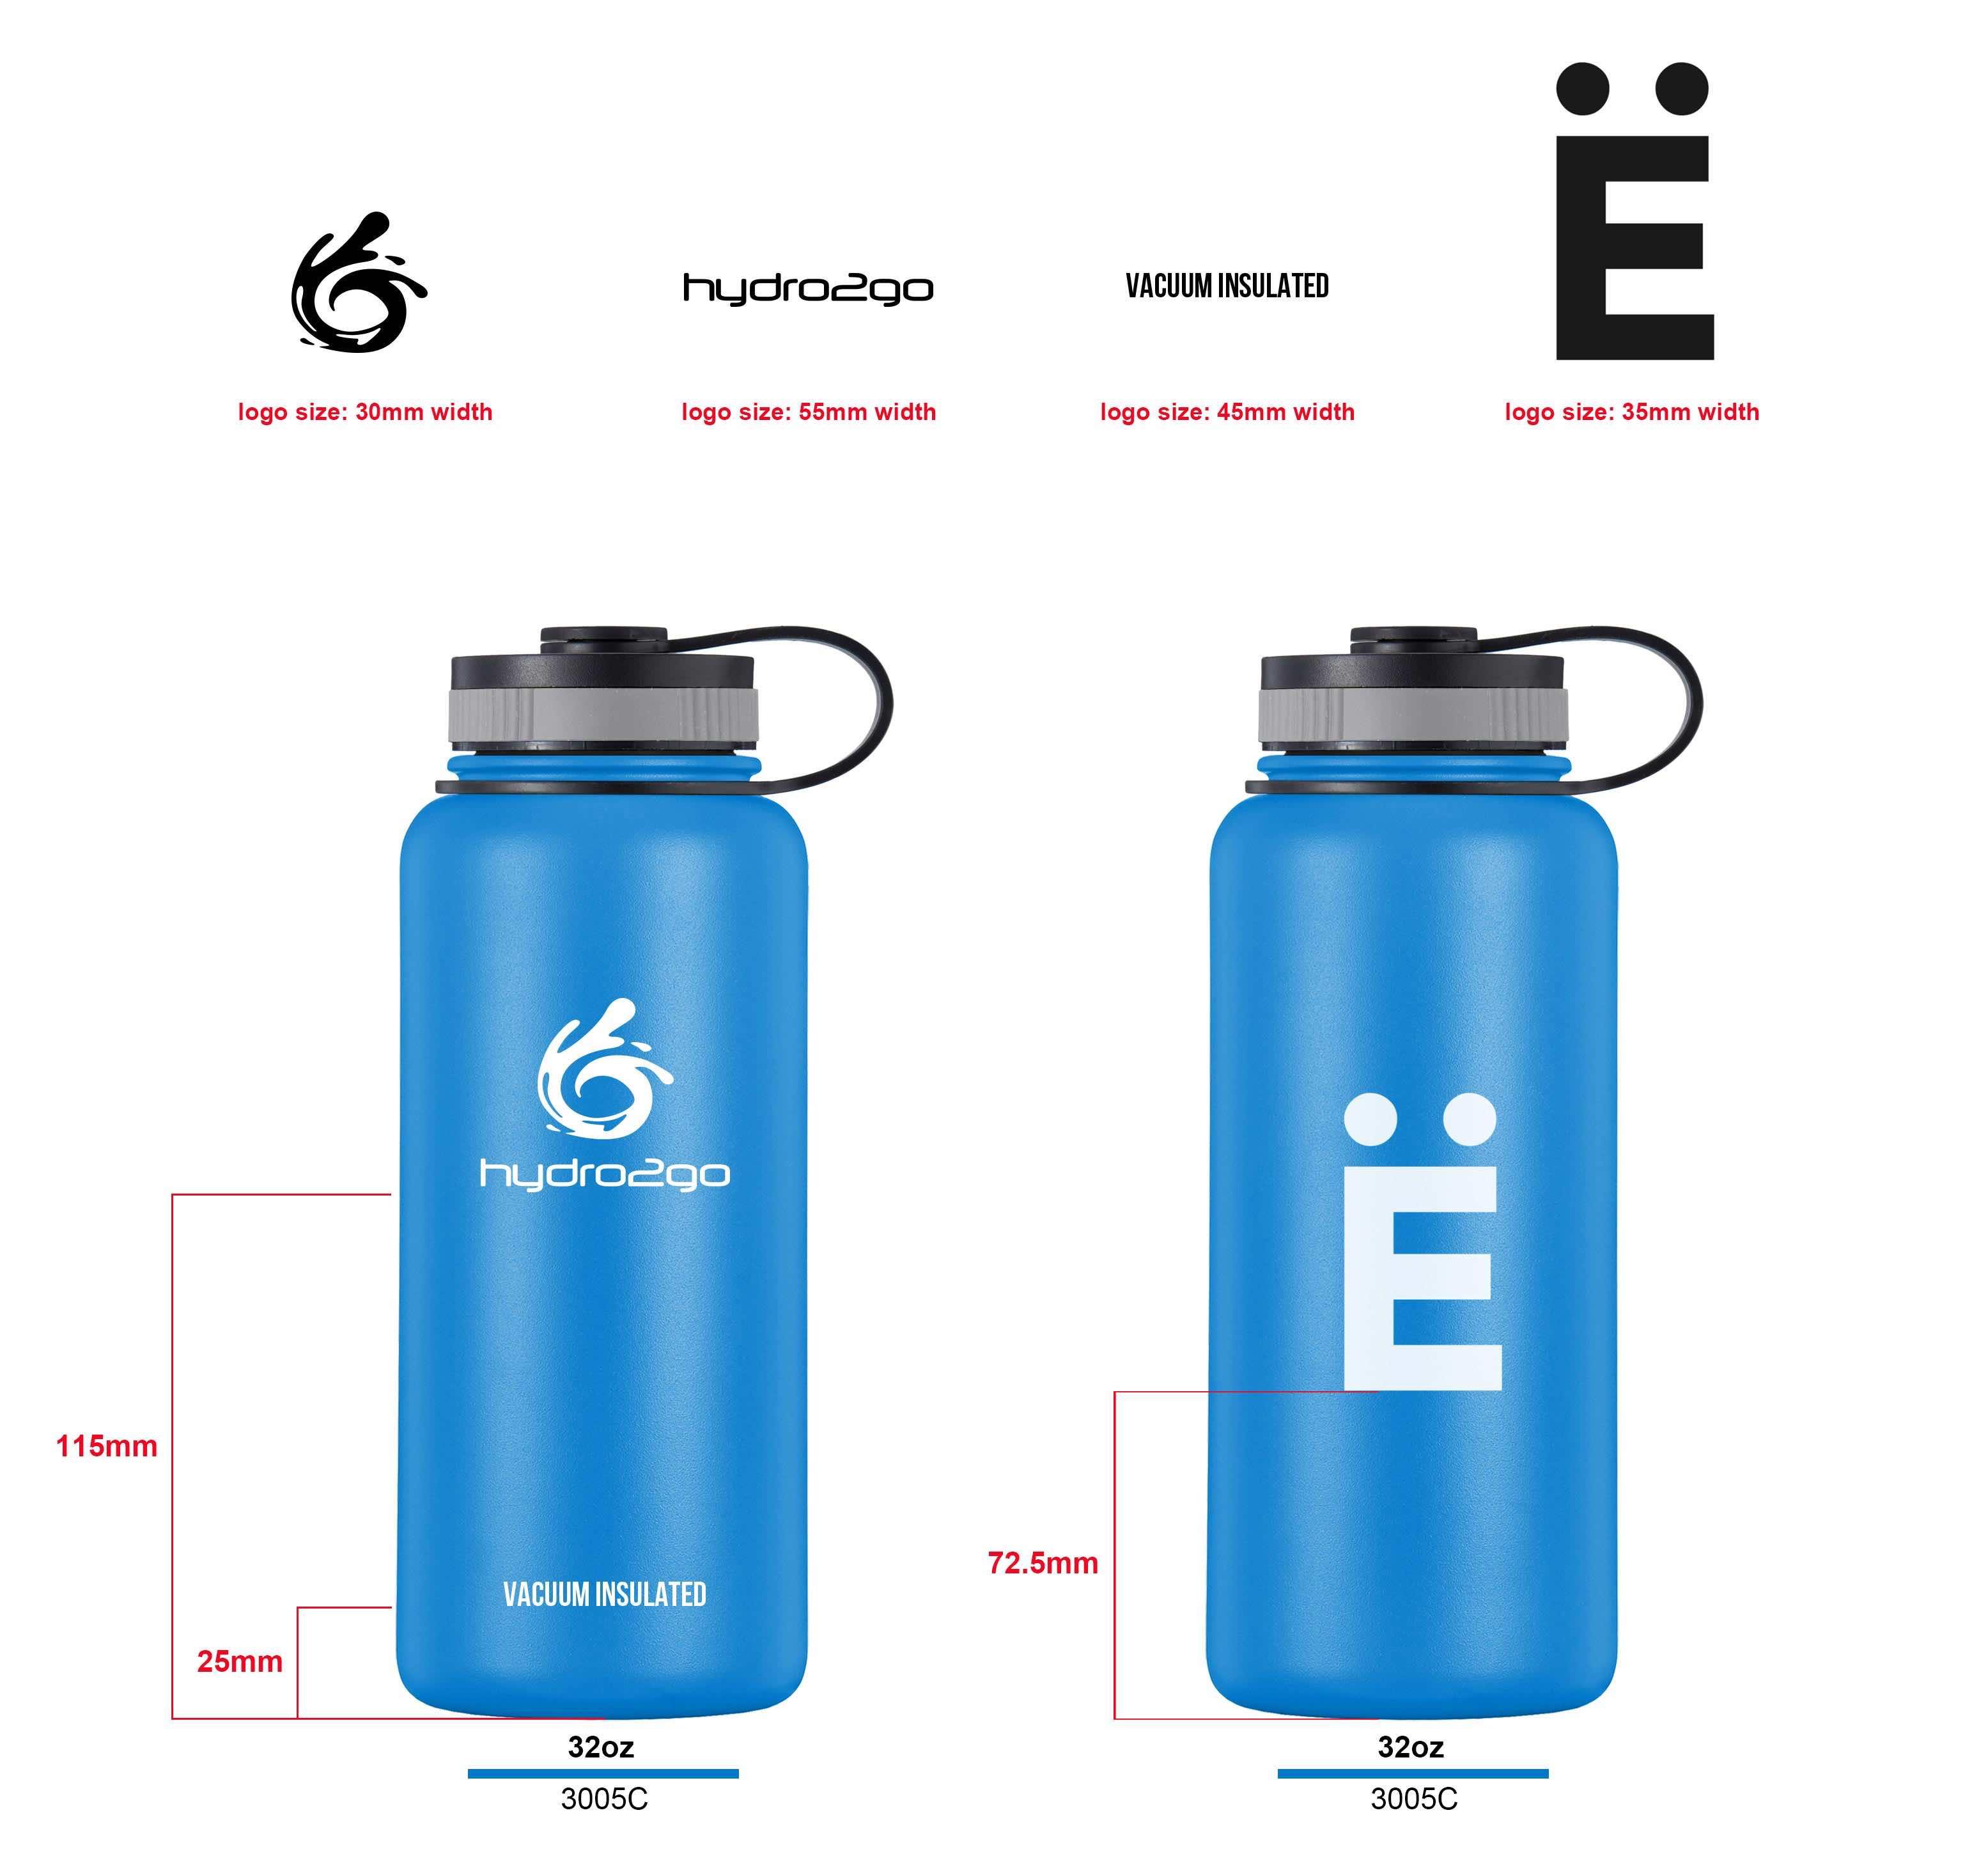 Co-branding bottles